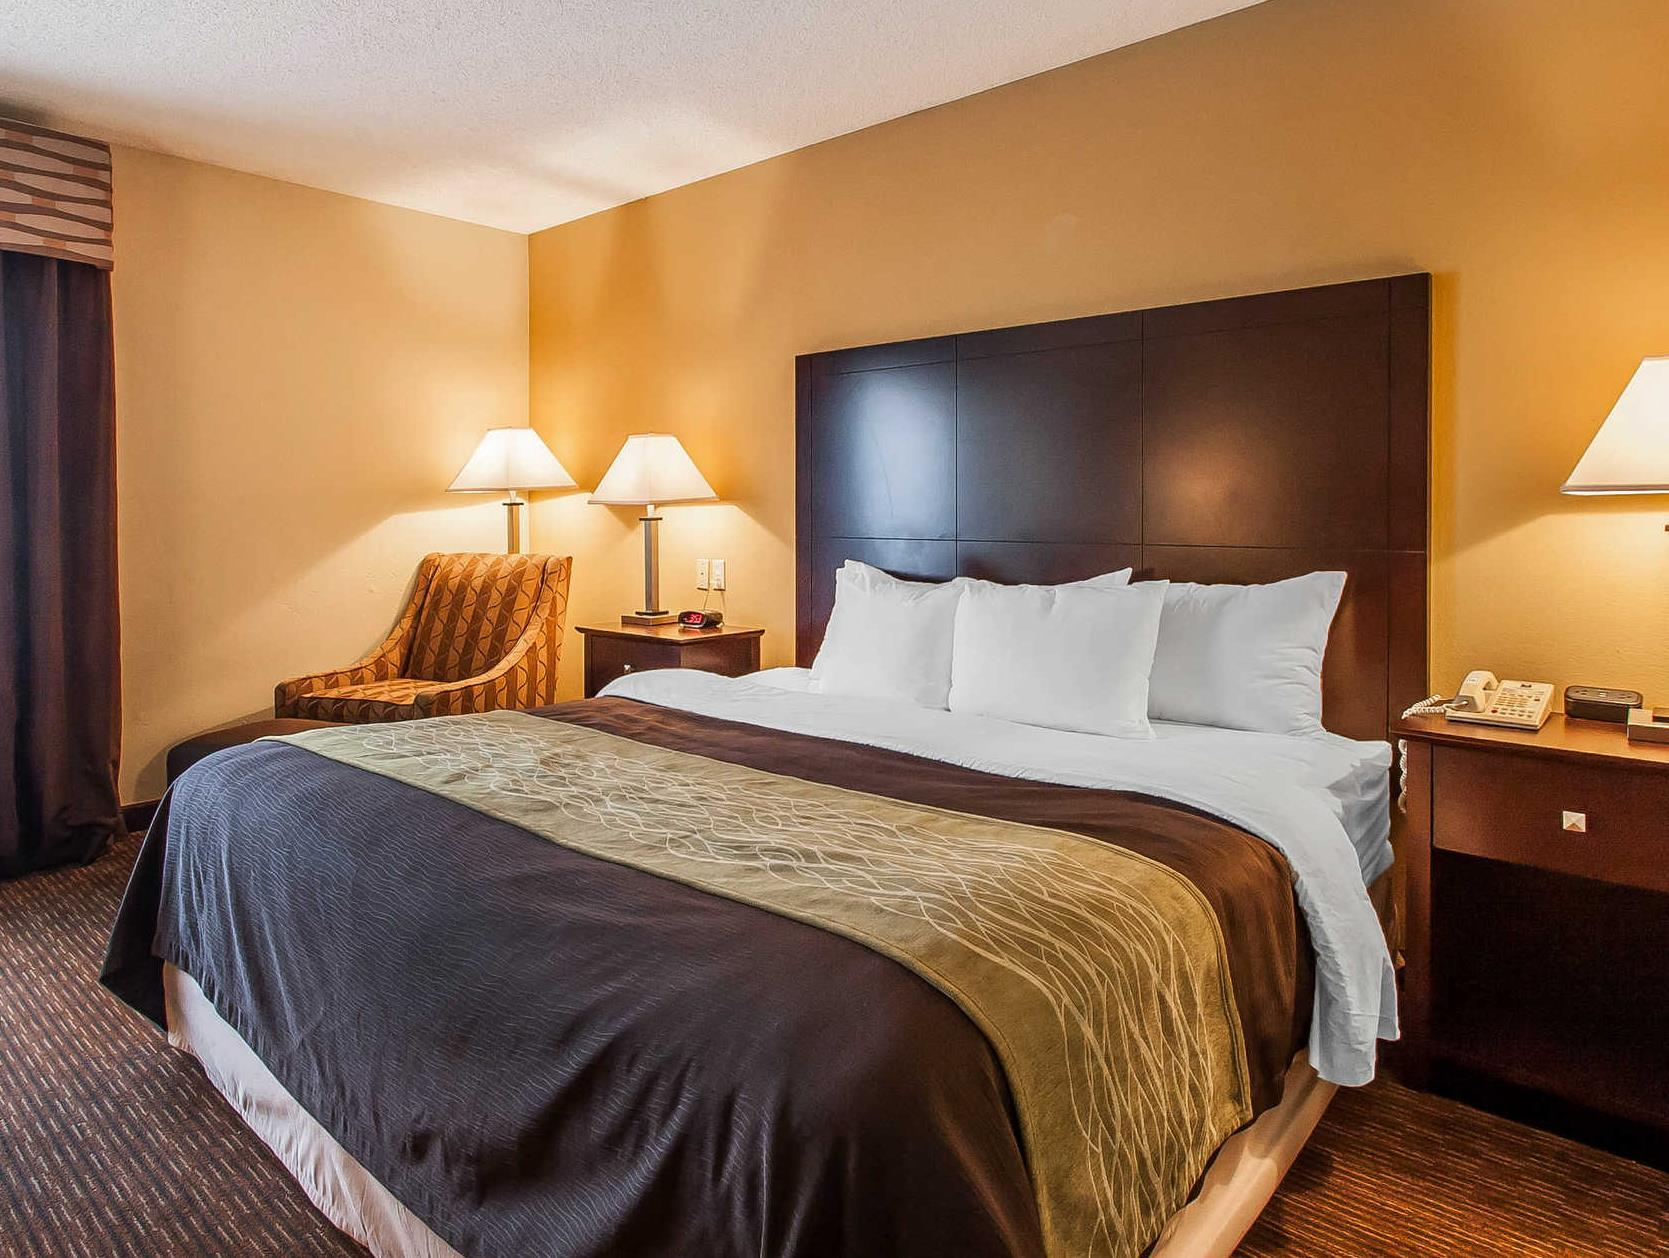 Price Comfort Inn & Suites